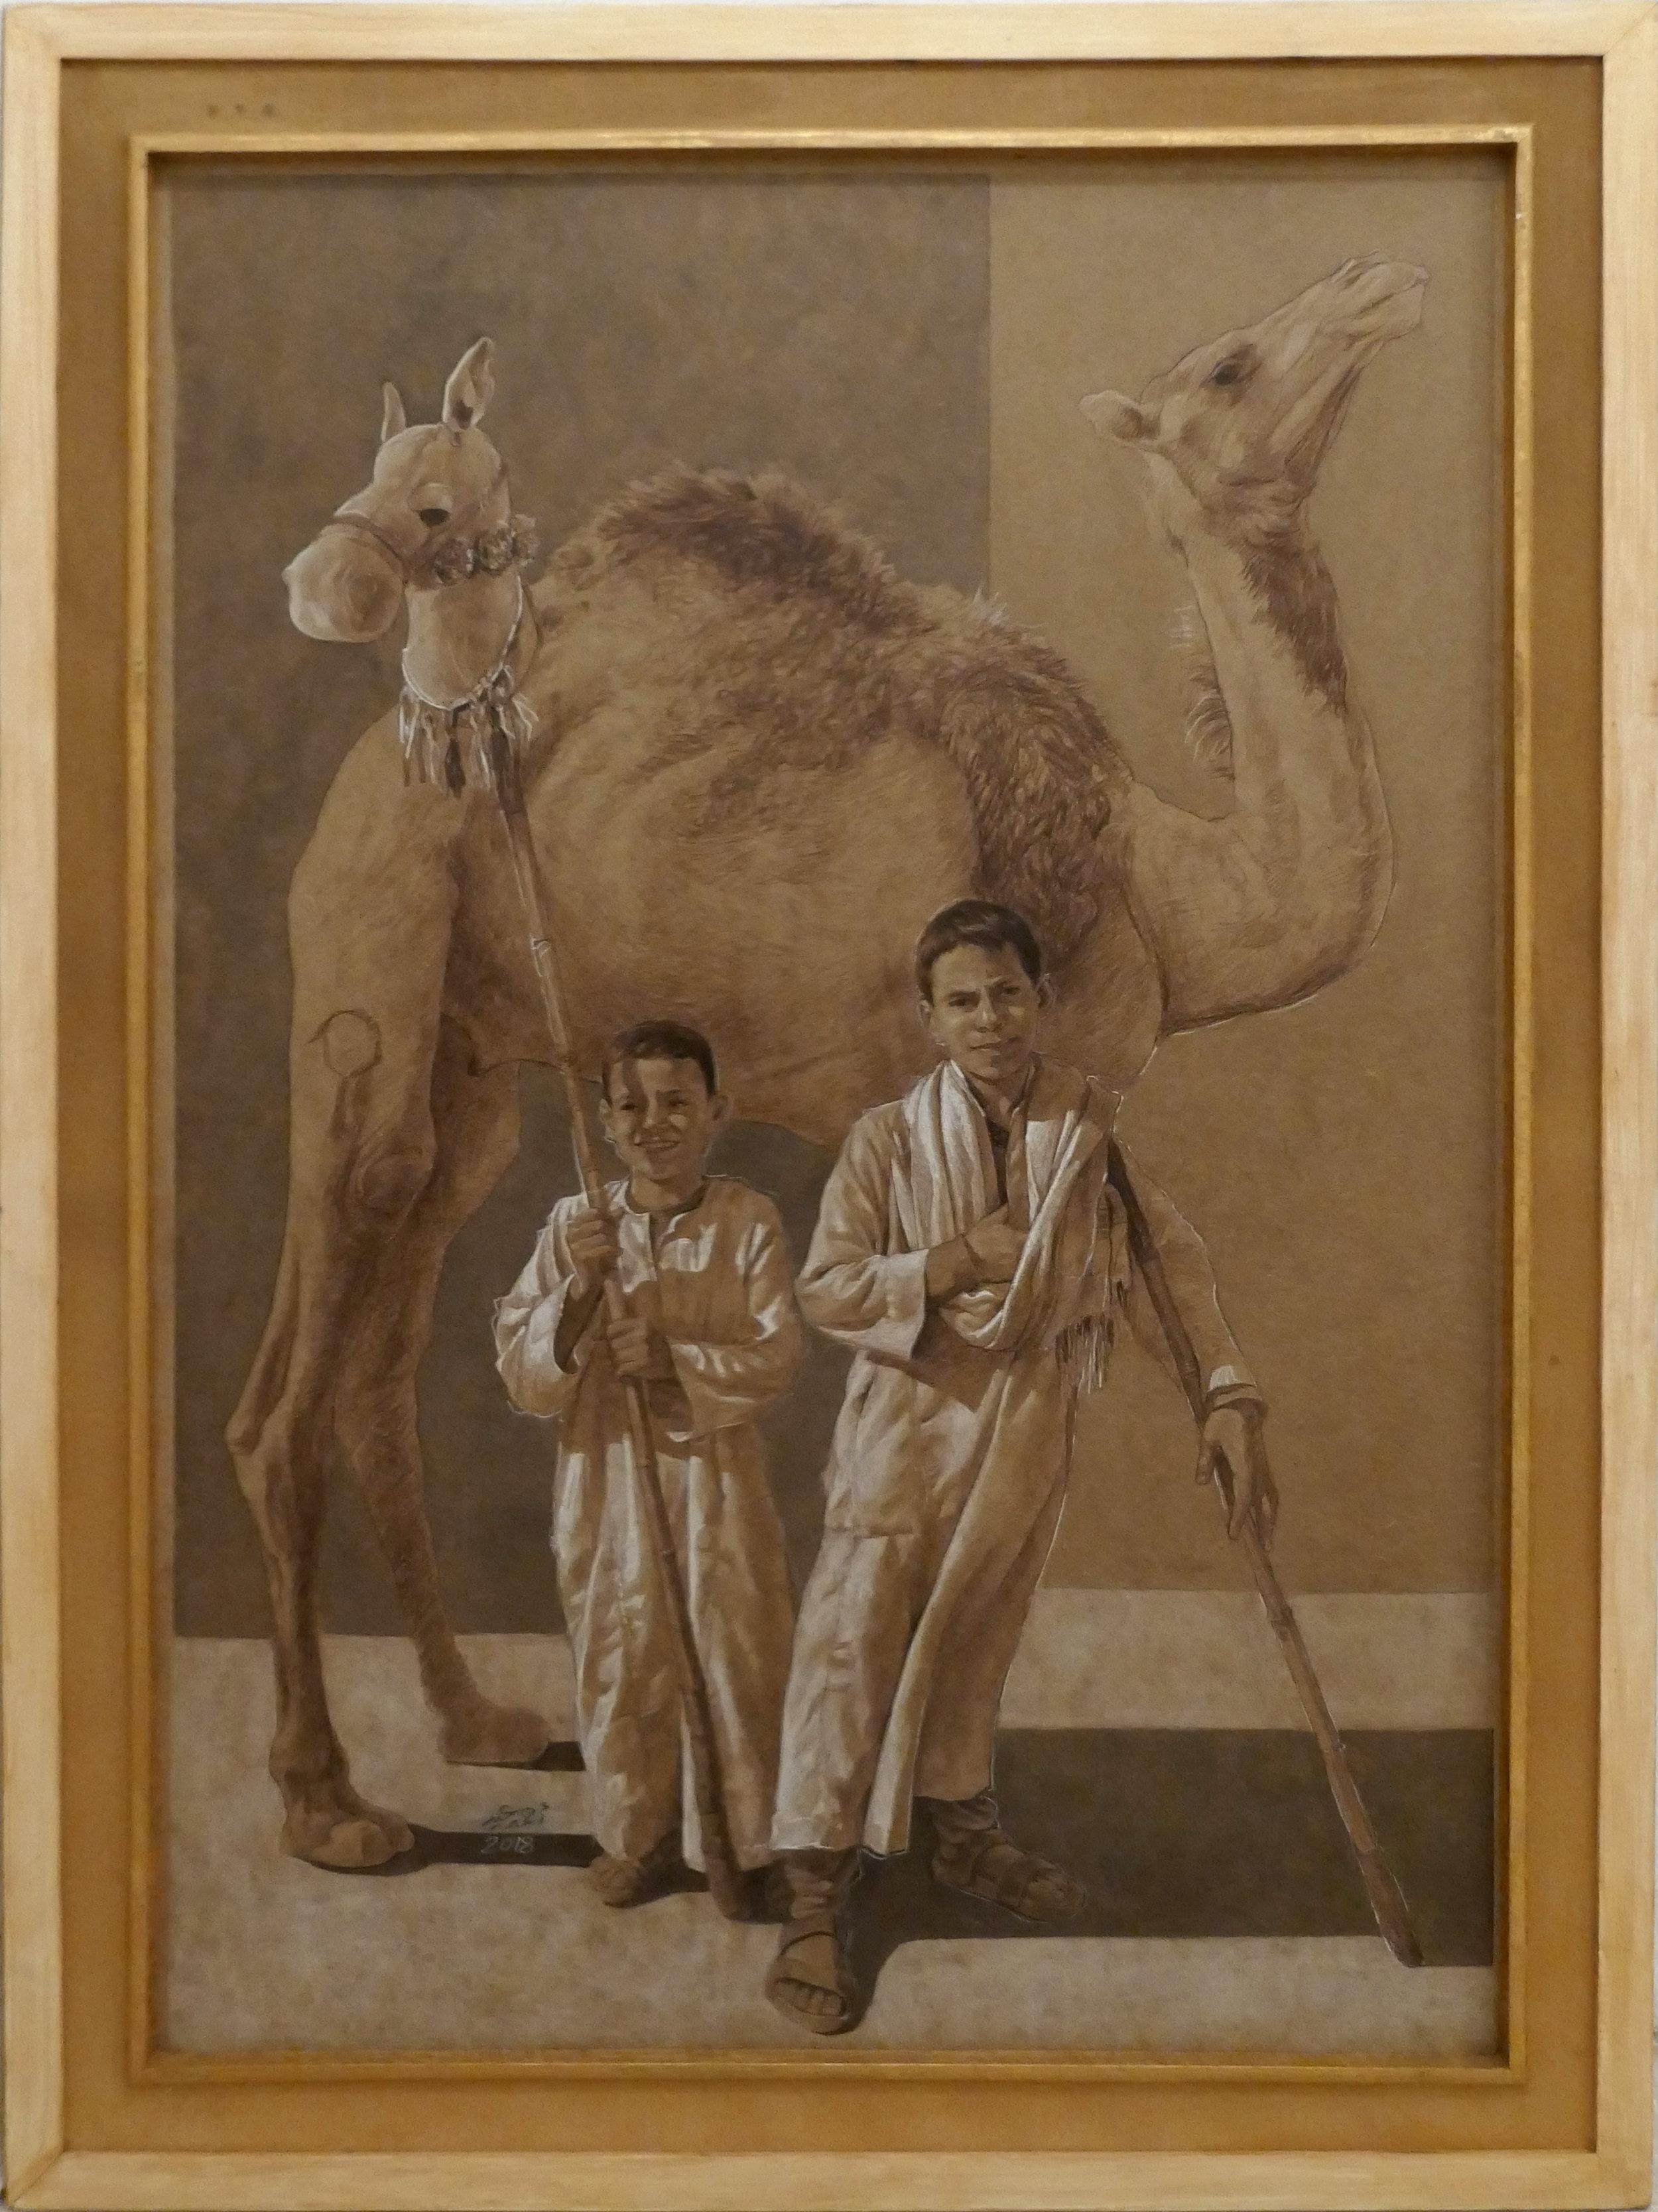 Ahmed Eid $975